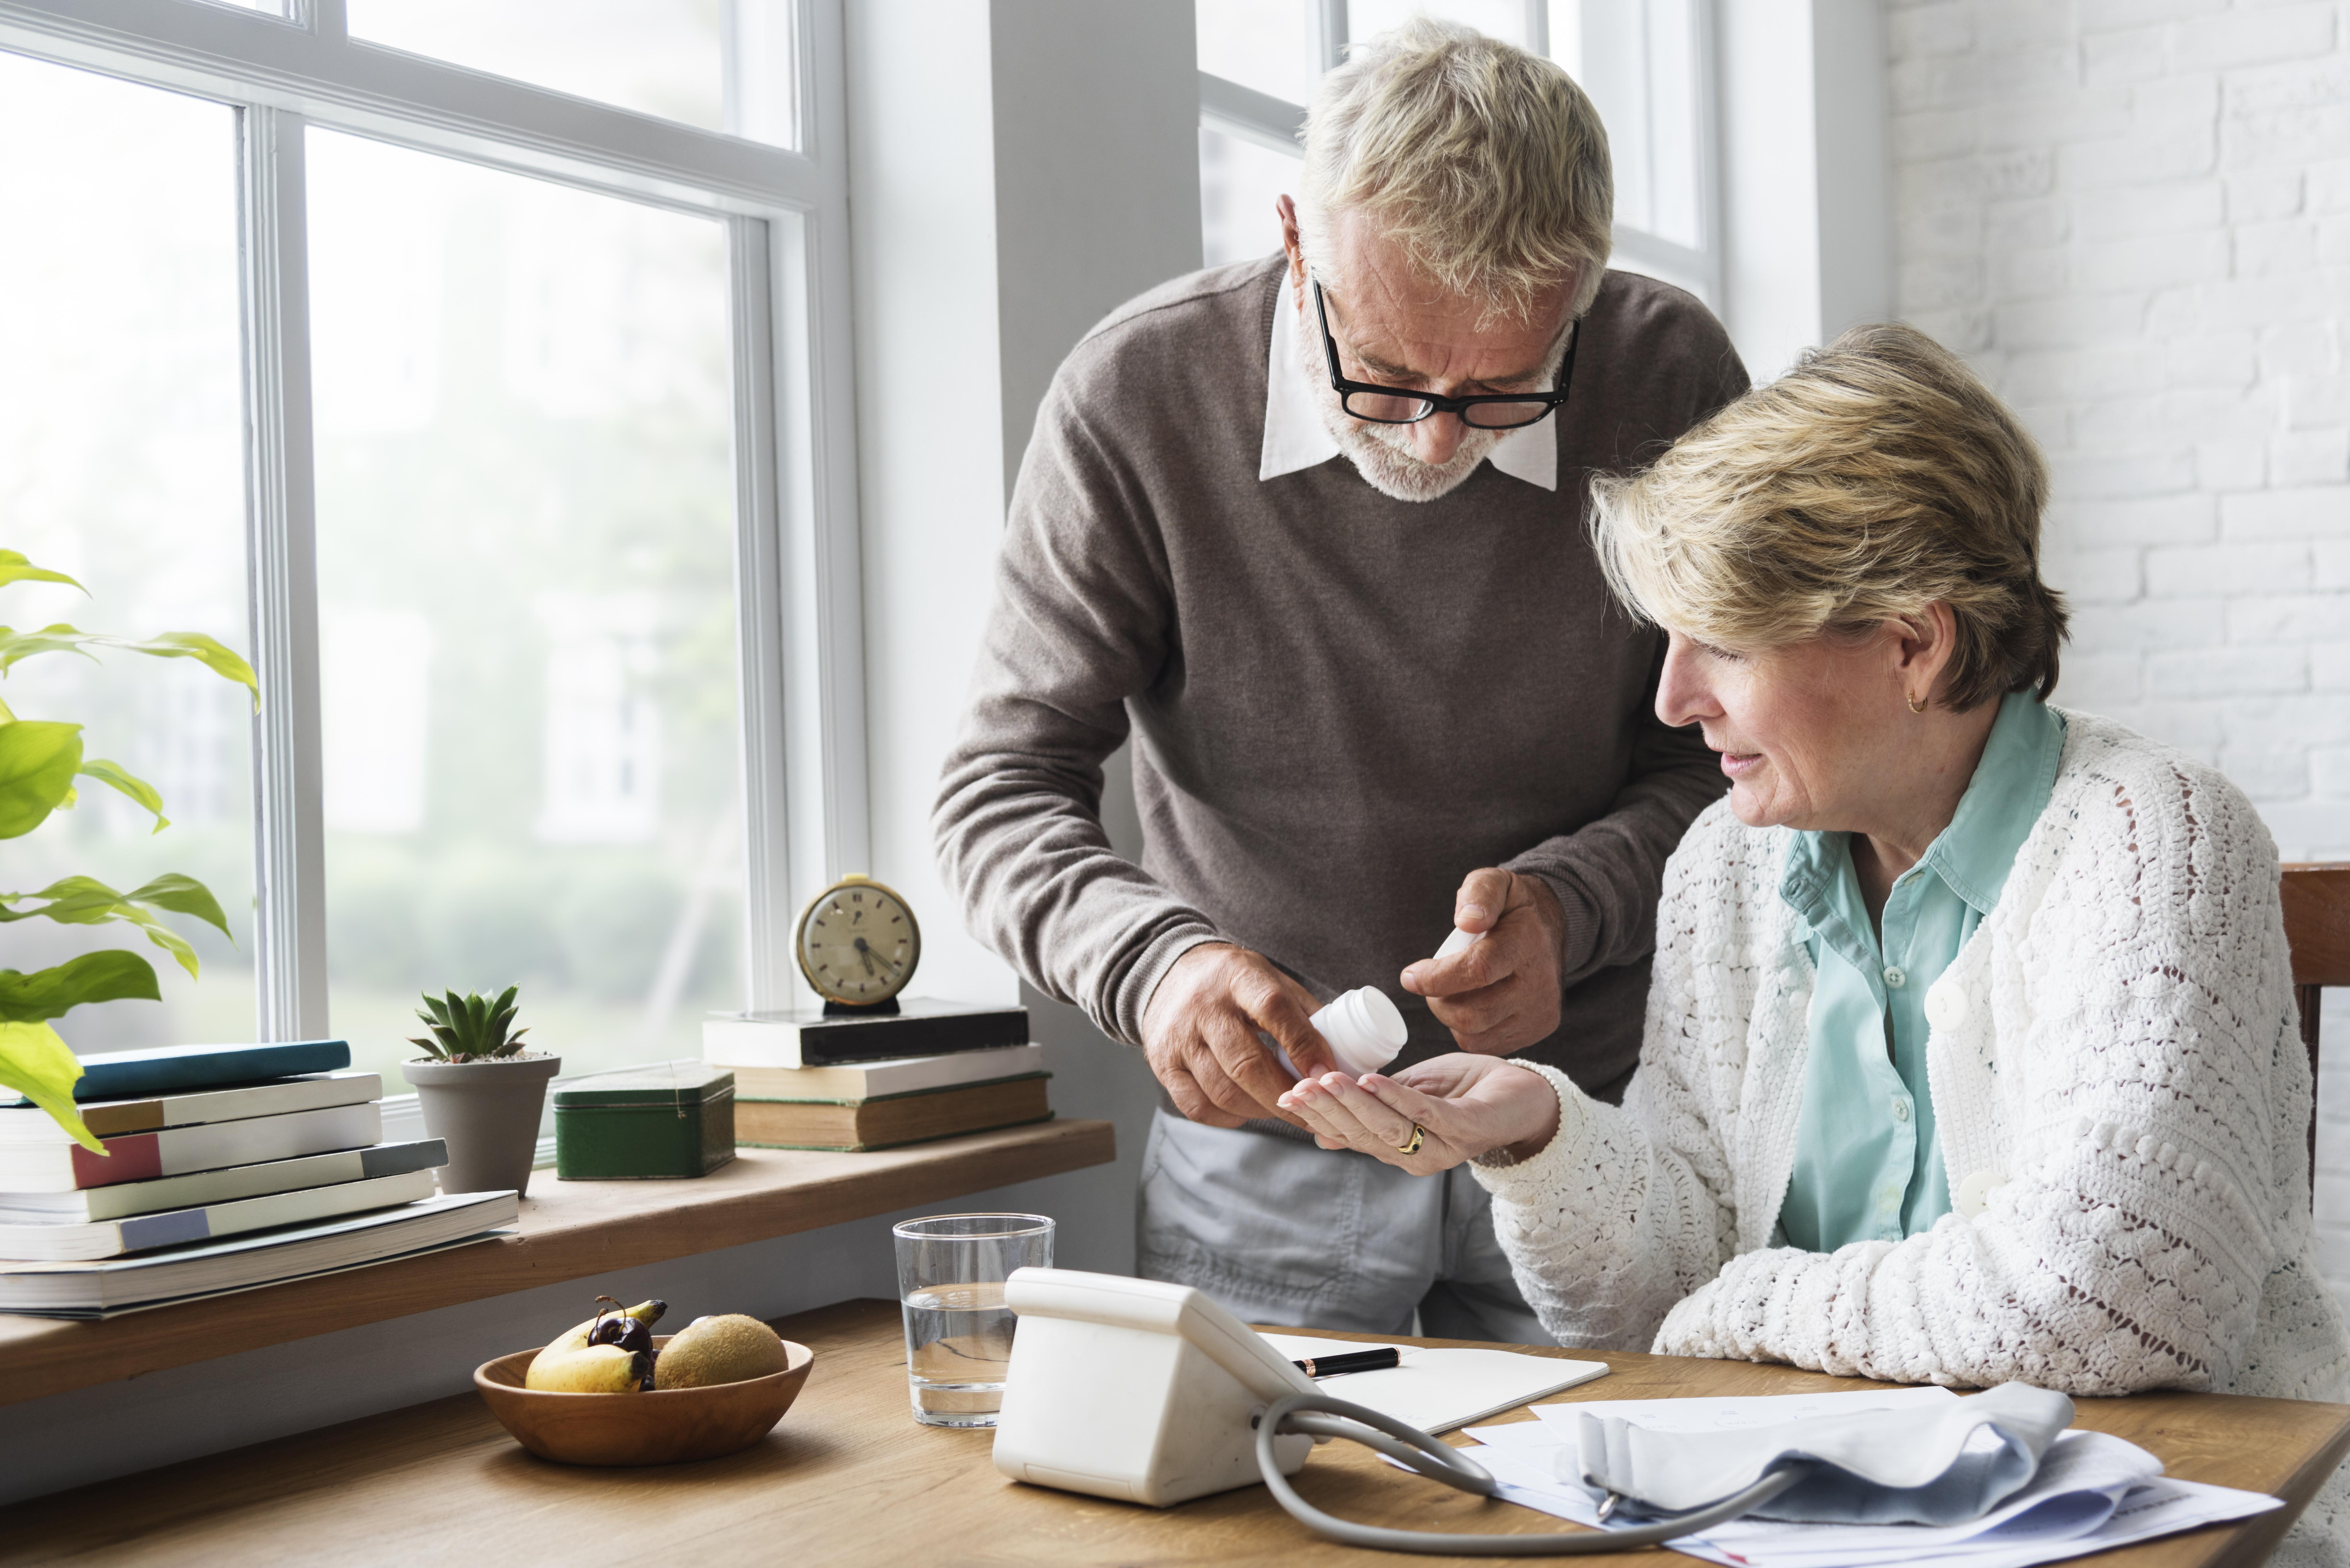 Statiner är den vanligaste behandlingsformen mot höga kolesterolvärden och studien visar att det är olämpligt sluta medicinera med statiner bara för att vi blir äldre.